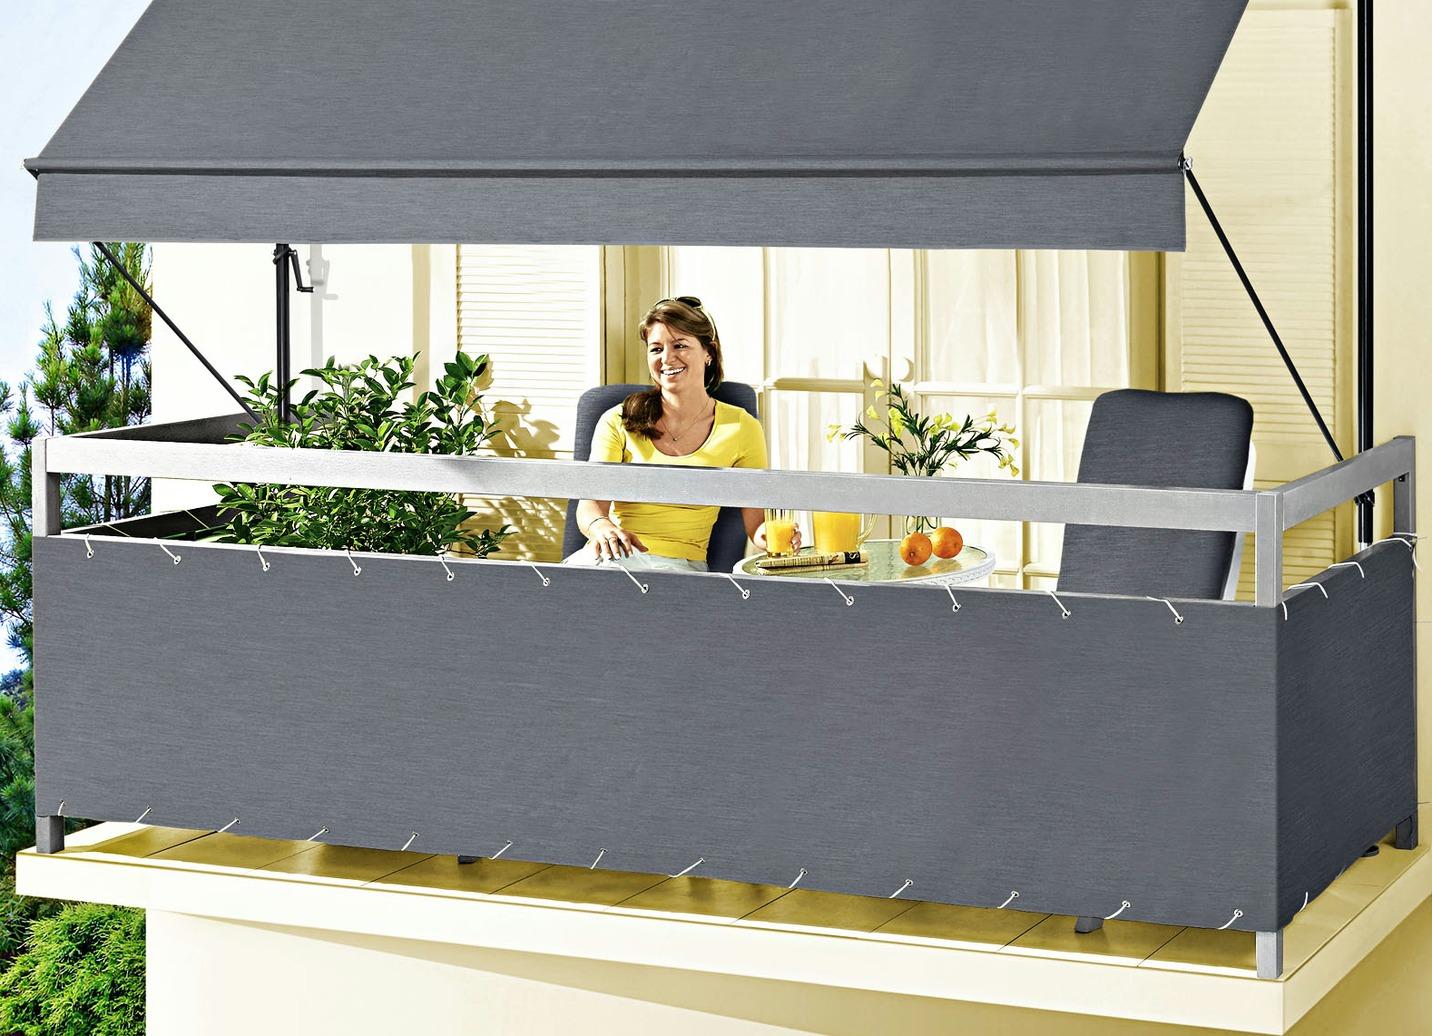 balkonbespannung style in verschiedenen farben sicht. Black Bedroom Furniture Sets. Home Design Ideas